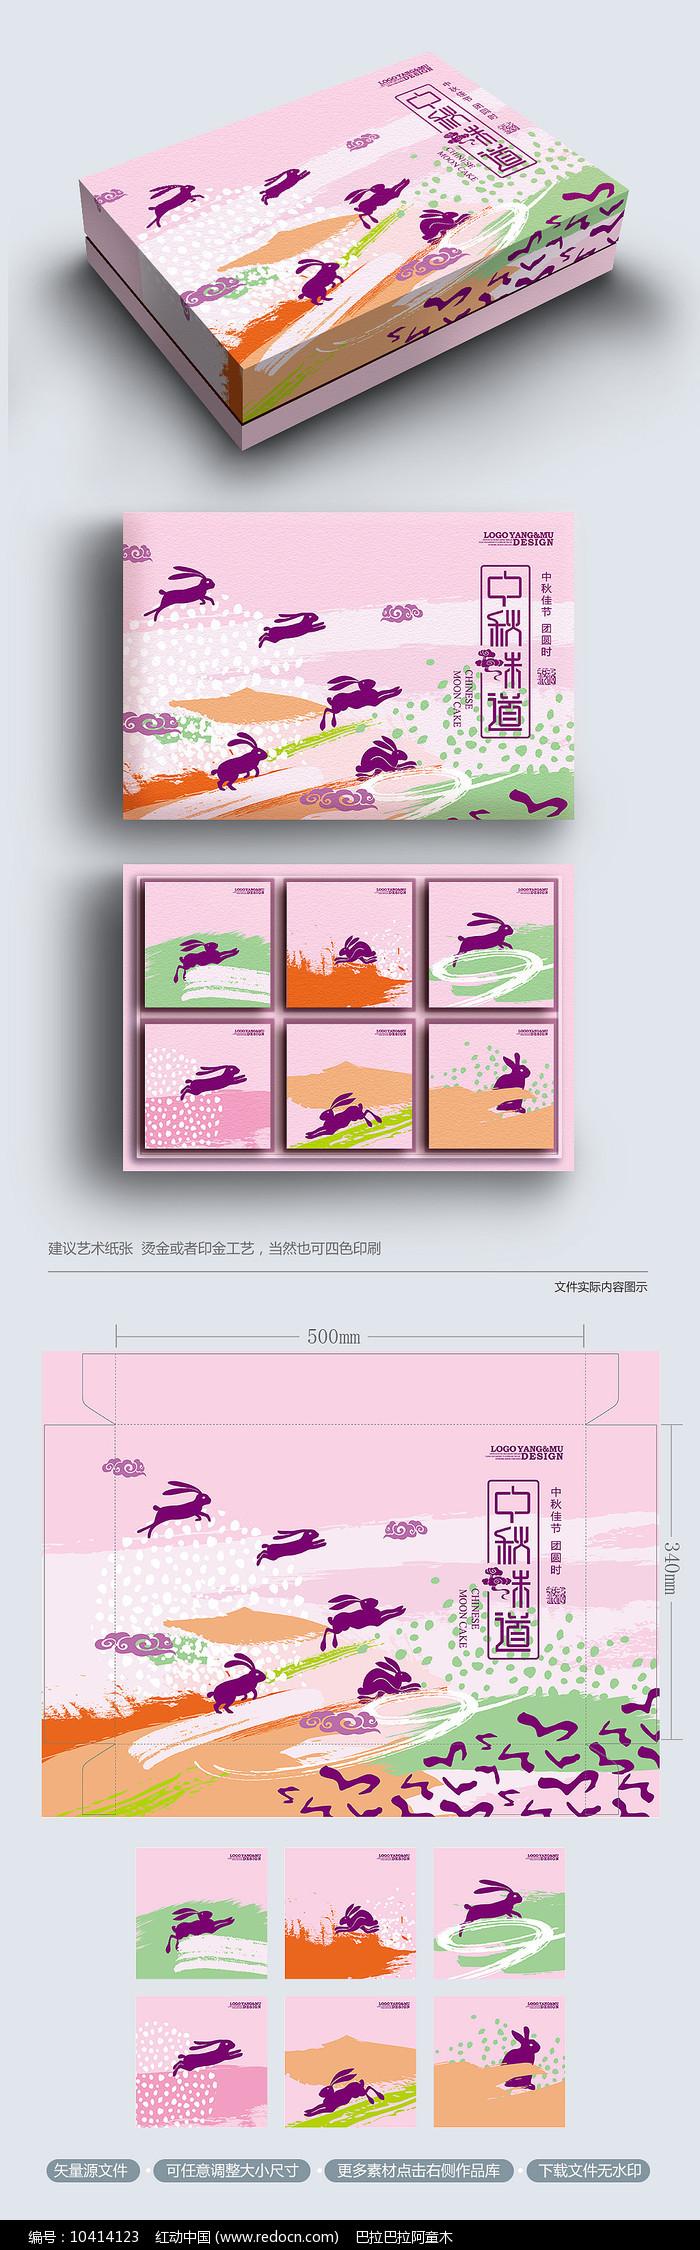 创意抽象插画高端中秋月饼包装礼盒图片